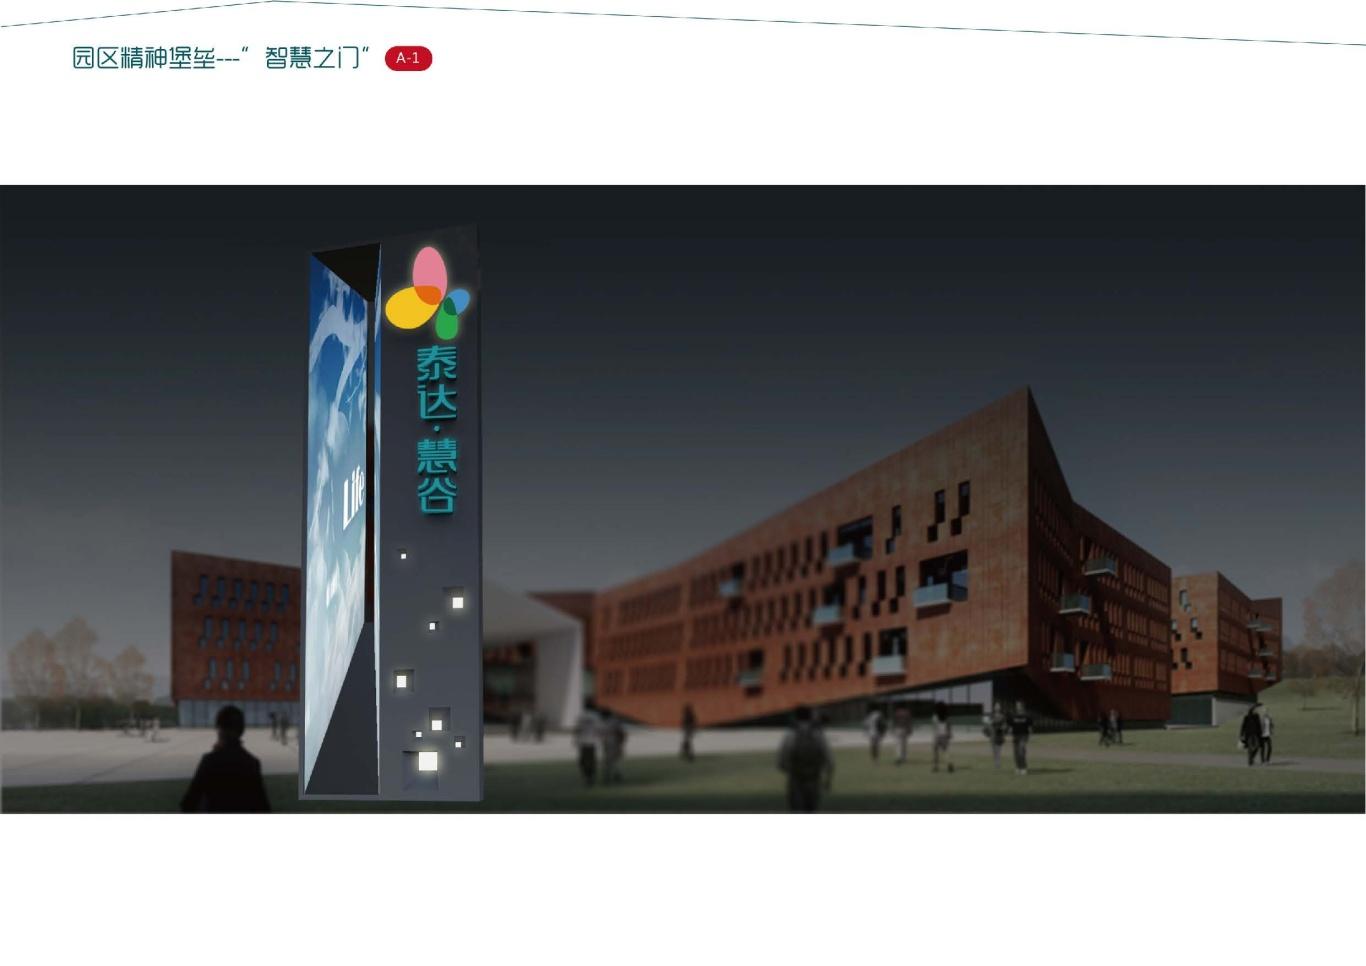 大连泰达慧谷开发区导视系统设计图26